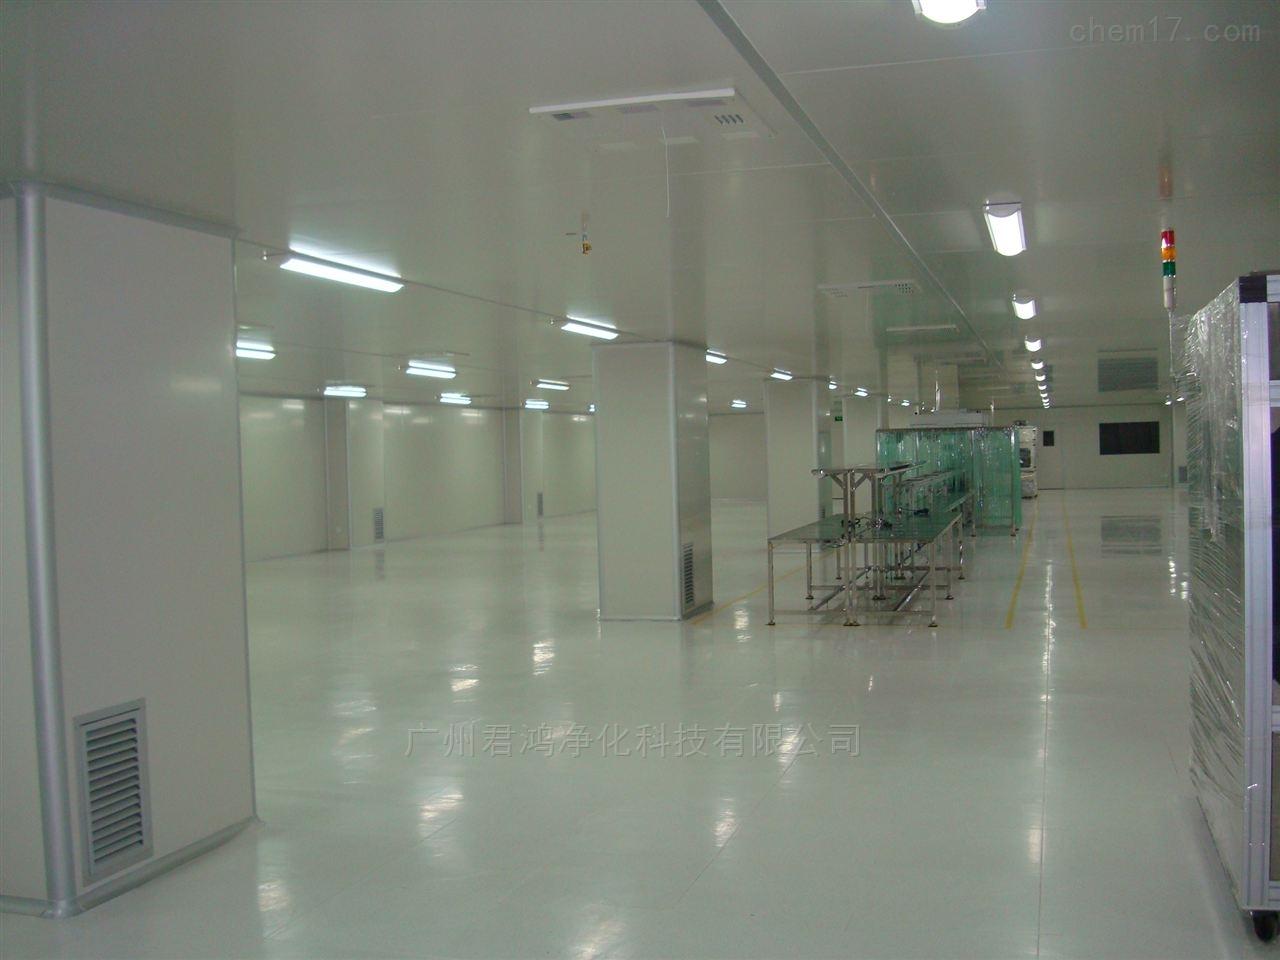 广州市南沙区食品厂30万级净化车间装修